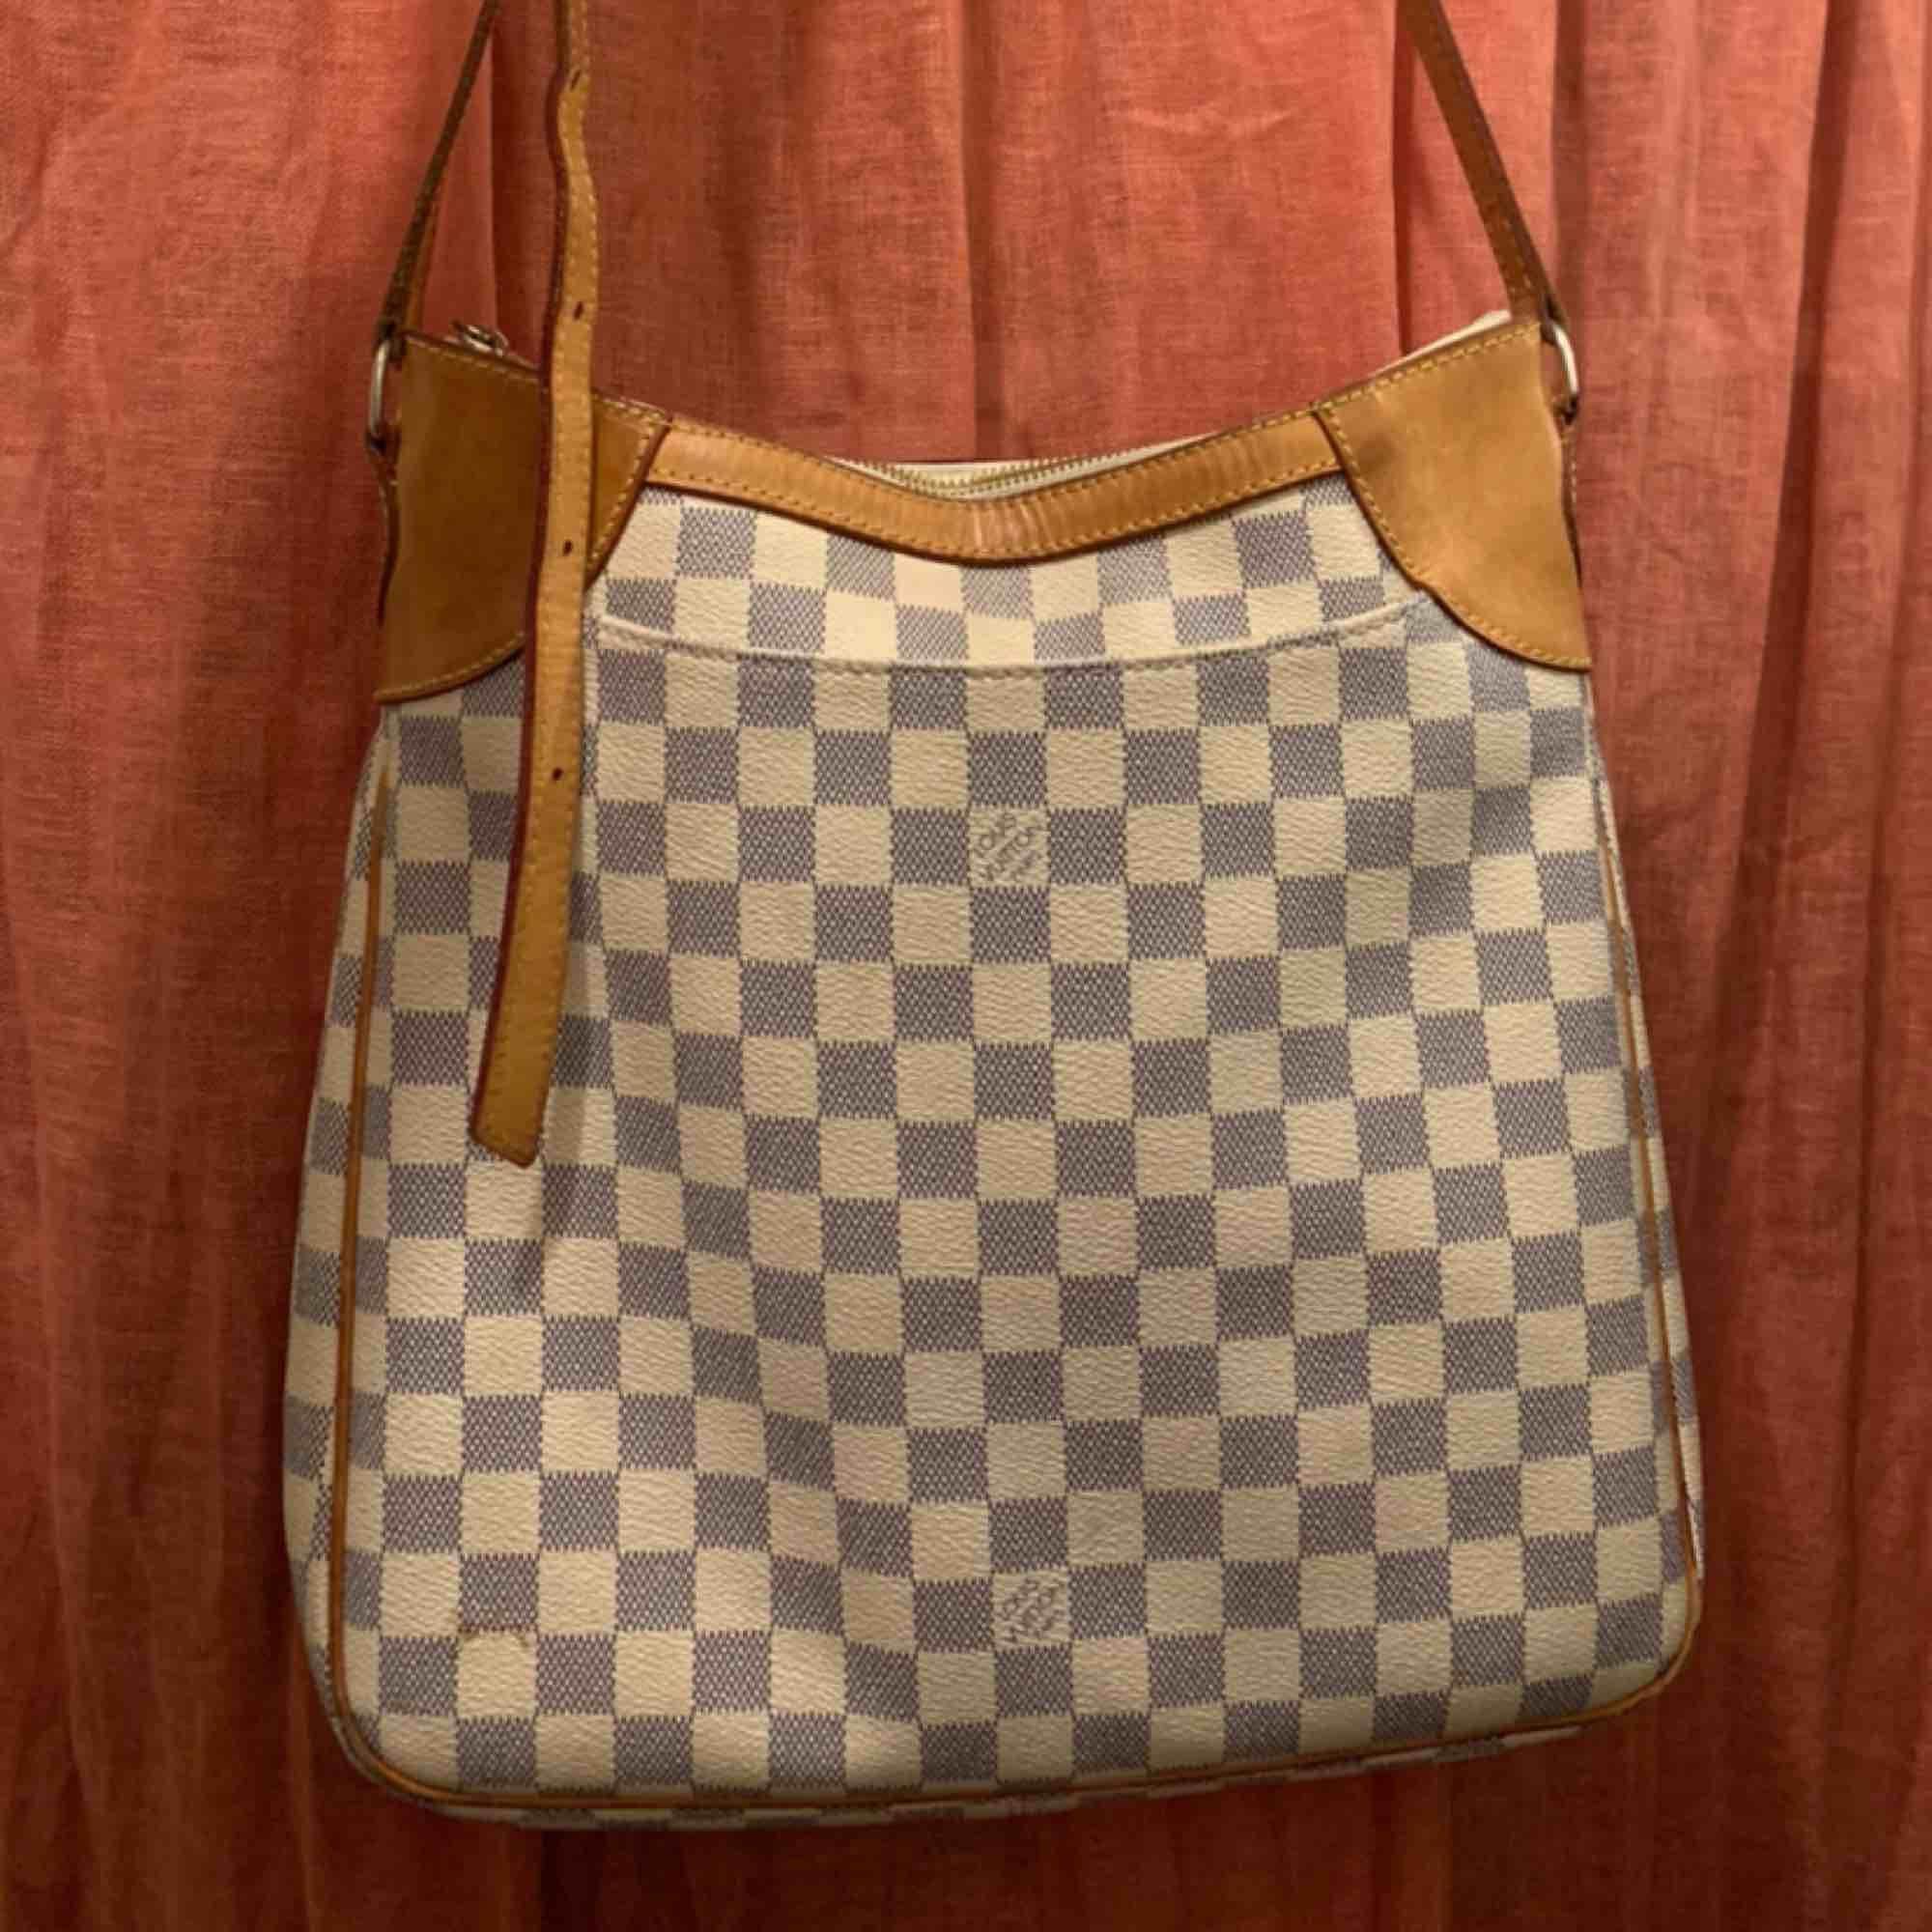 Louis Vuitton axelremsväska, äkta! Köpt i en vintagebutik, men den kommer tyvärr inte kommer till användning.  Hel och fin, innertyget visar tecken på användning. Skickar fler bilder vid intresse.  Finns i malmö. /Ellen . Väskor.